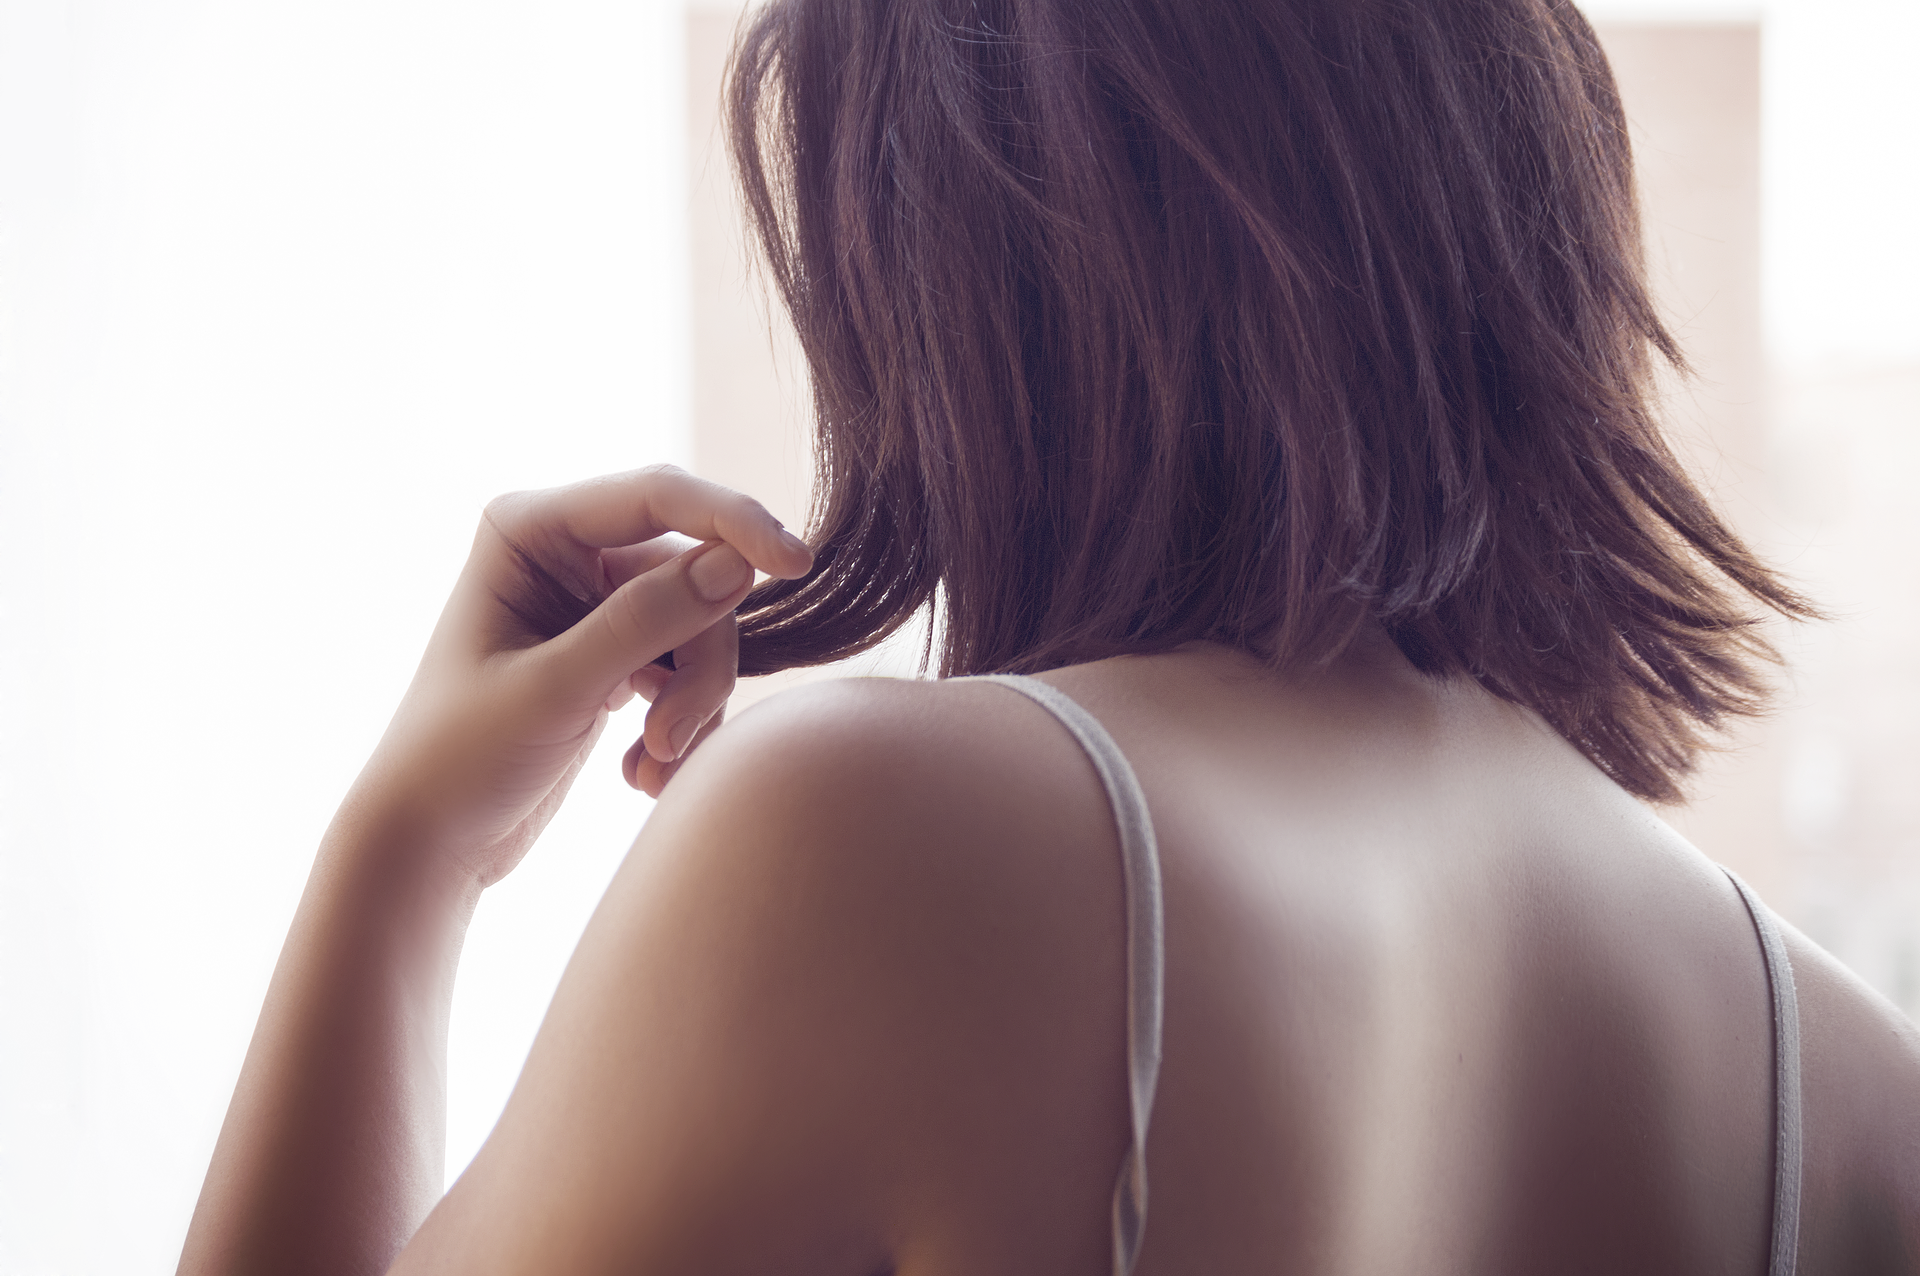 Come diventare trans: le 3 fasi del percorso per cambiare sesso 3